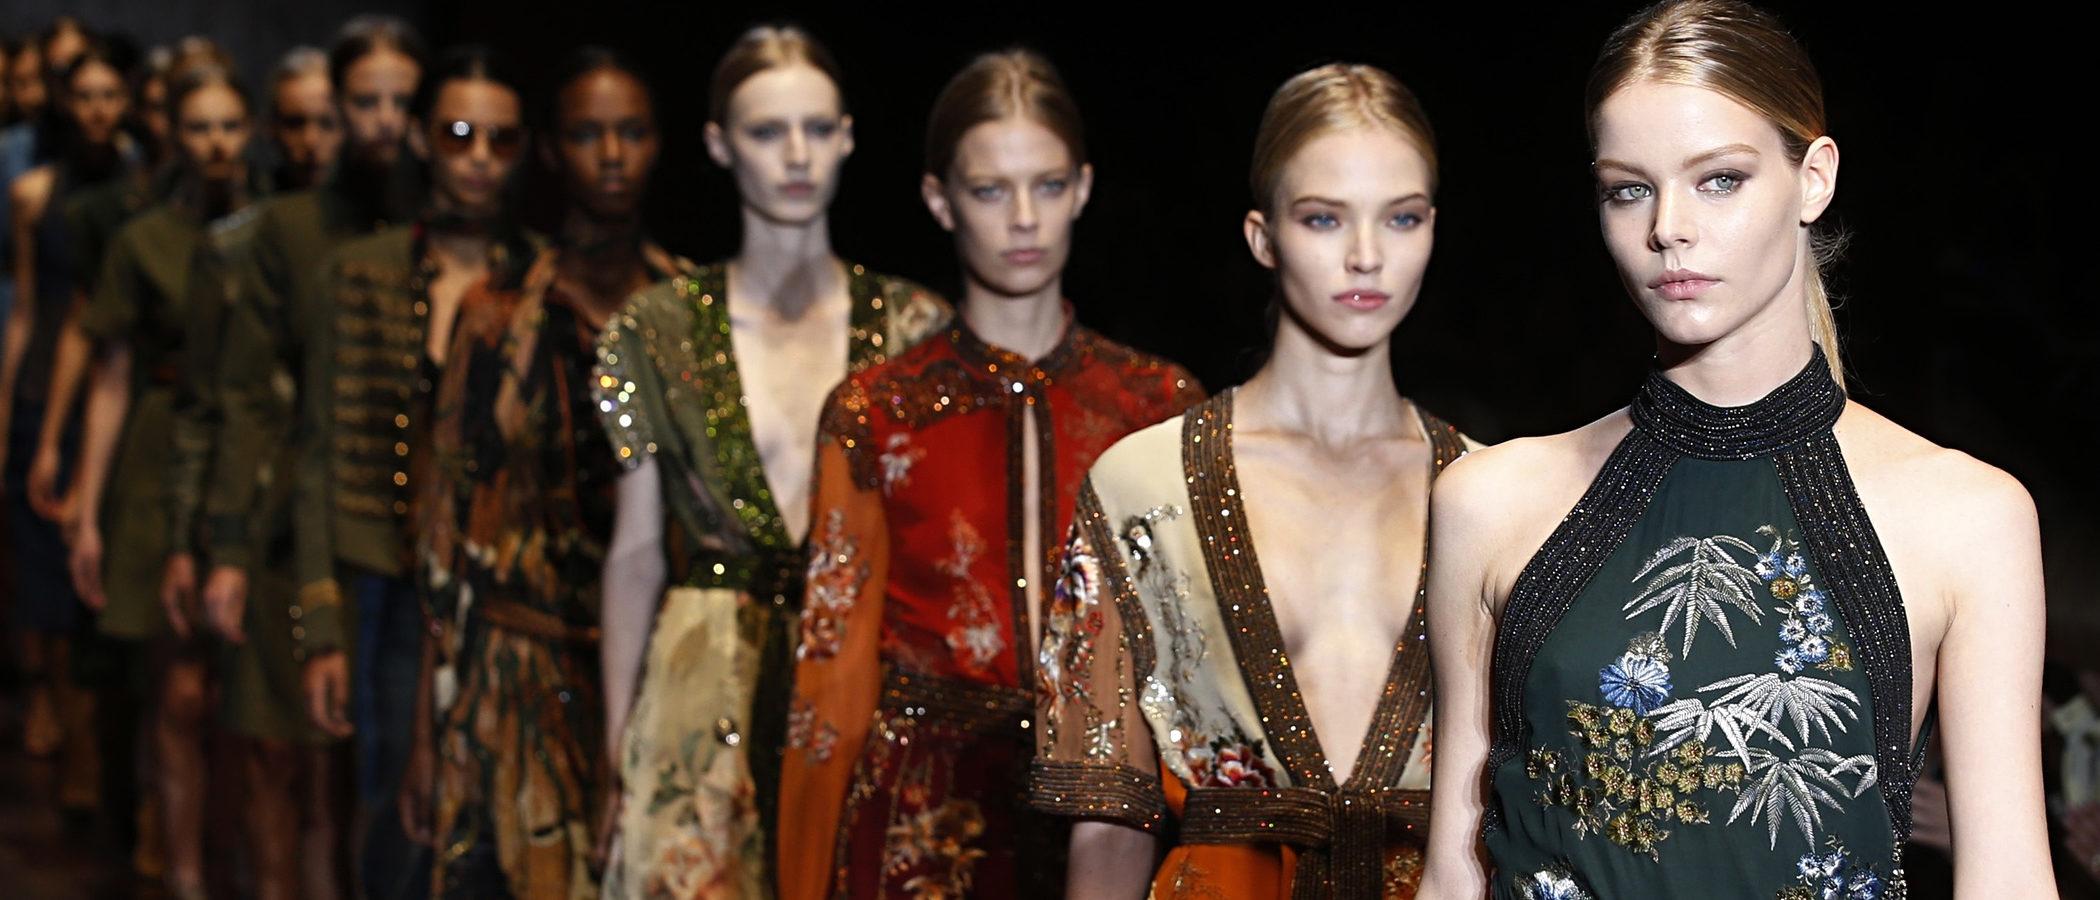 Llega la Fashion Week y esto es lo que nos espera en 2018